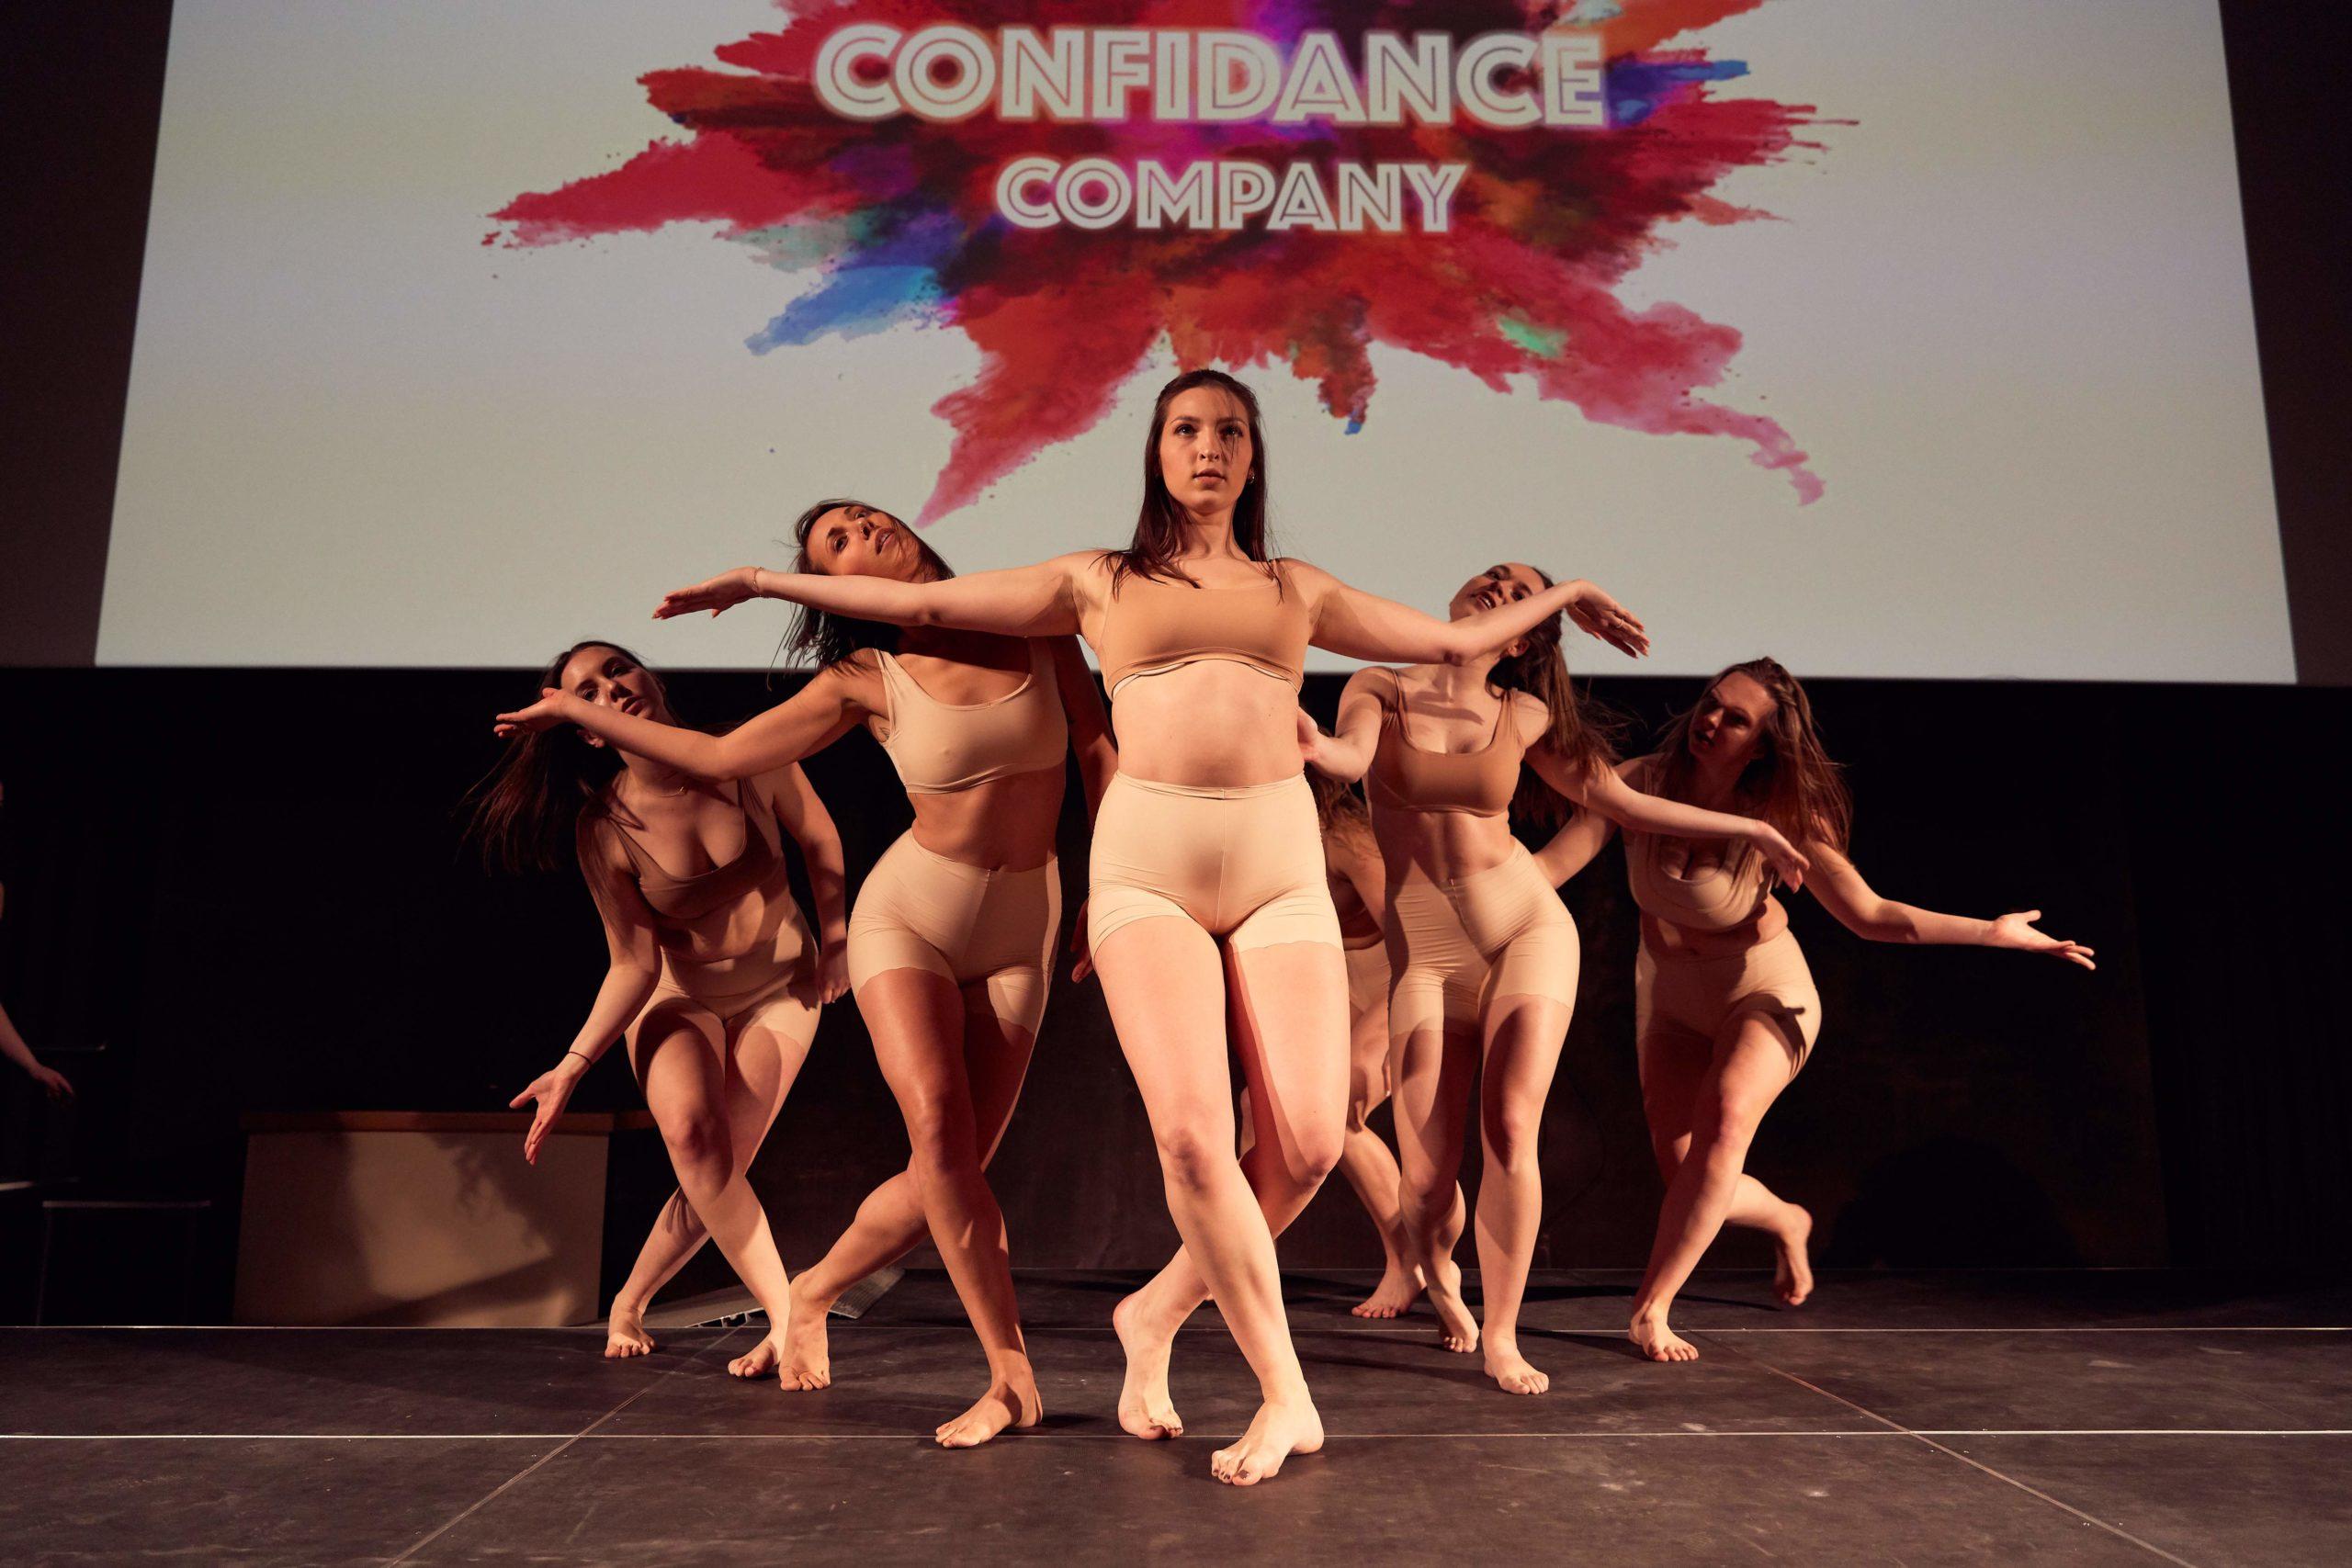 Auf diesem Bild sieht man die Tänzerinnen von ConfiDance auf einer Bühne tanzen.